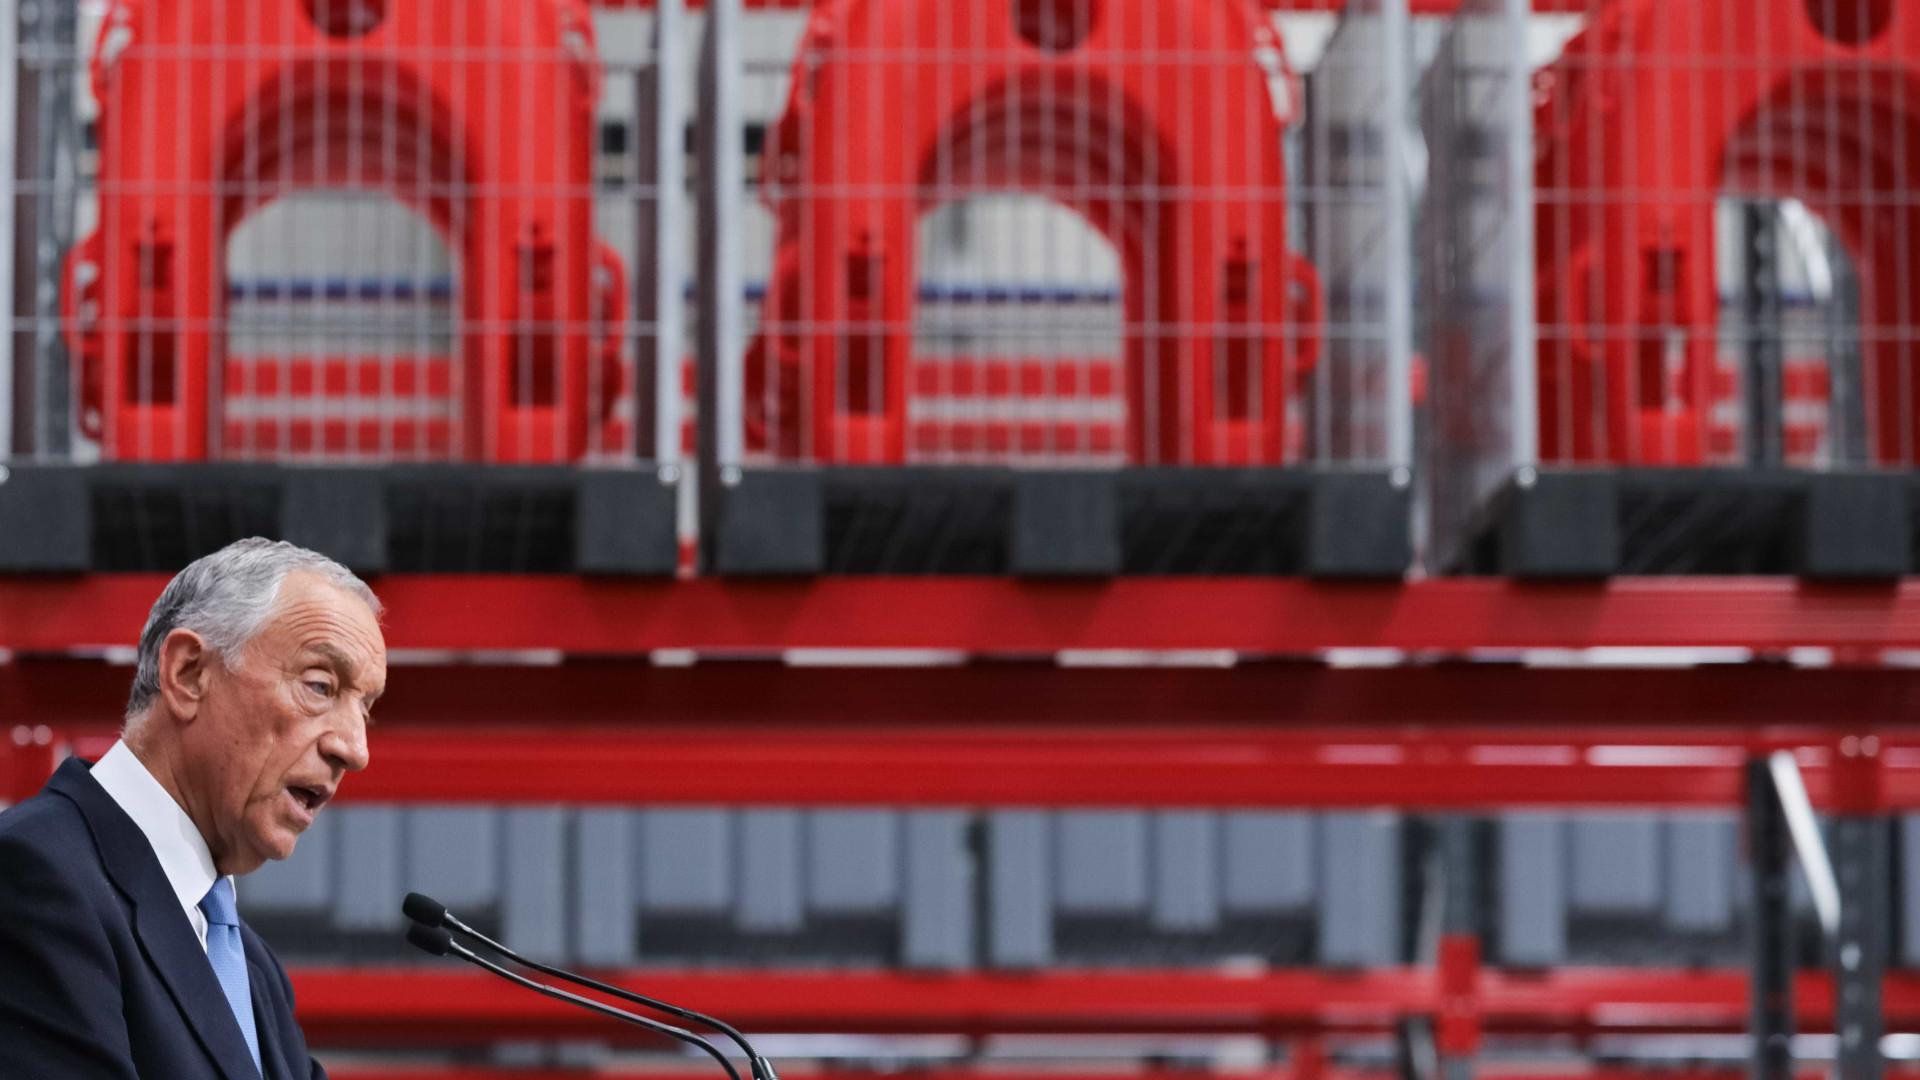 Marcelo quer país a pensar nas próximas décadas, não em ciclos eleitorais